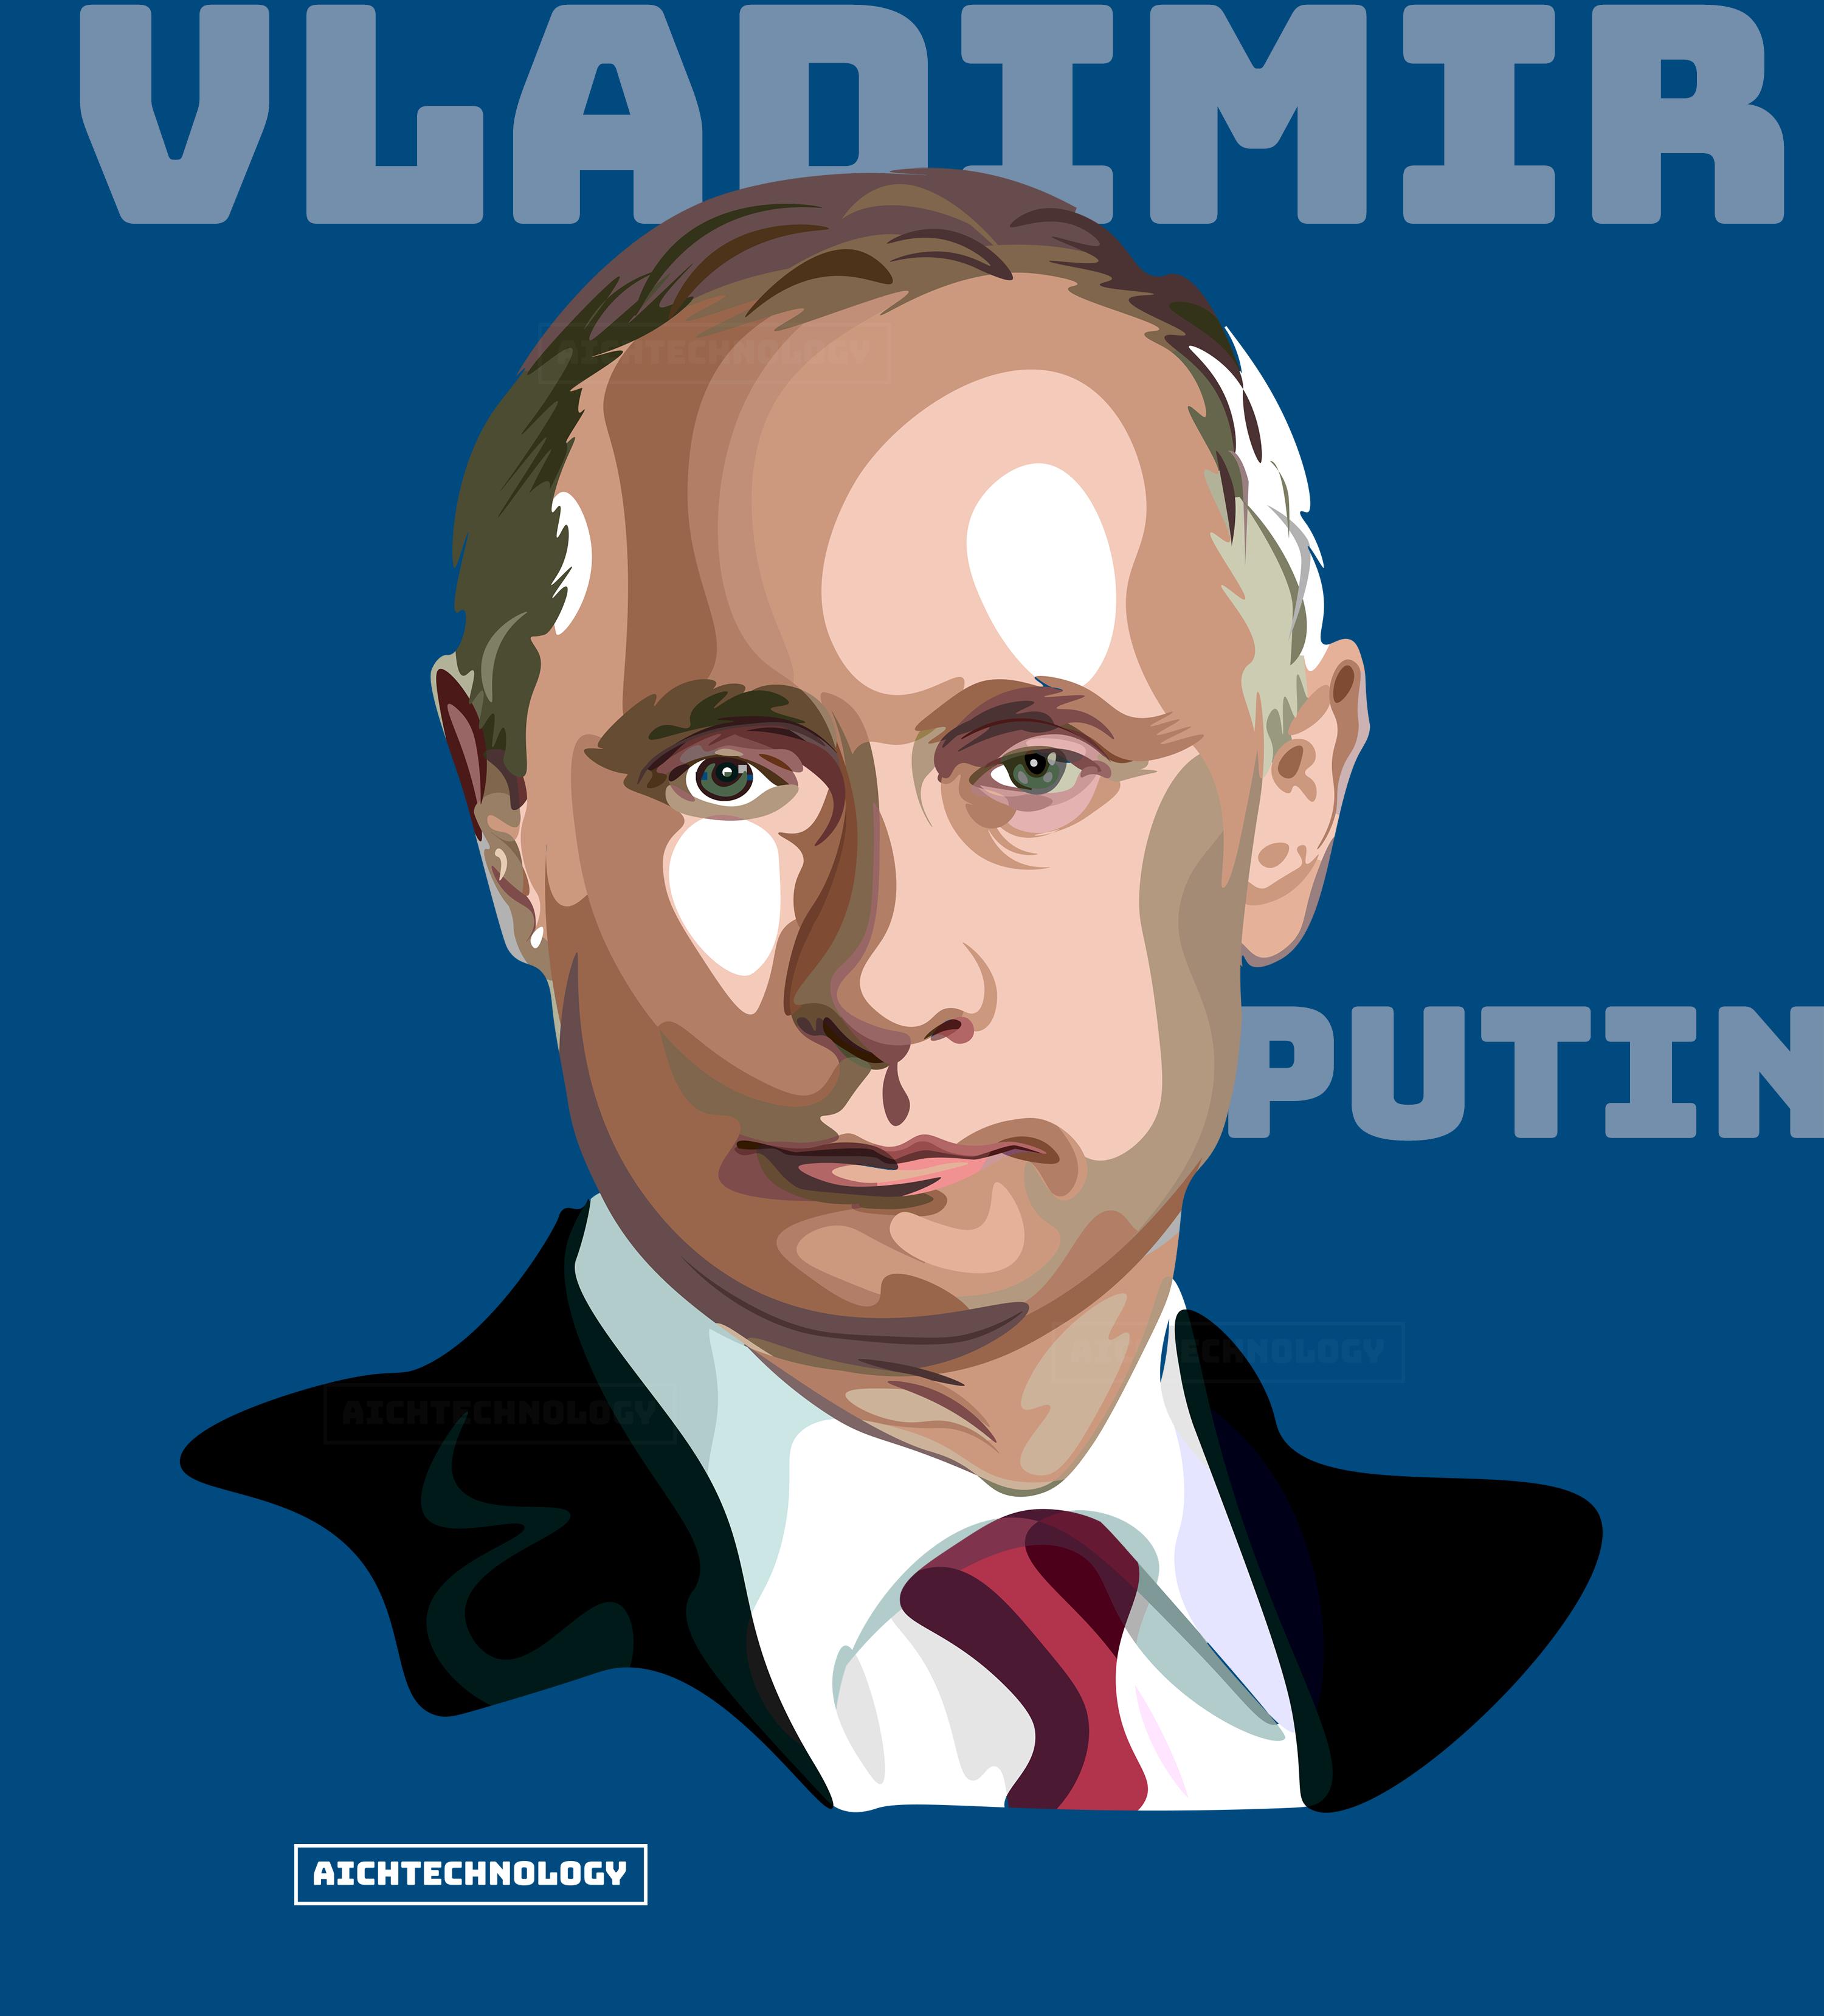 Check Out My Behance Project Vladimir Putin Pop Art Cartoon Https Www Behance Net Gallery 63645715 Vladimir Putin Pop Art Cartoon Pop Art Art Art Web